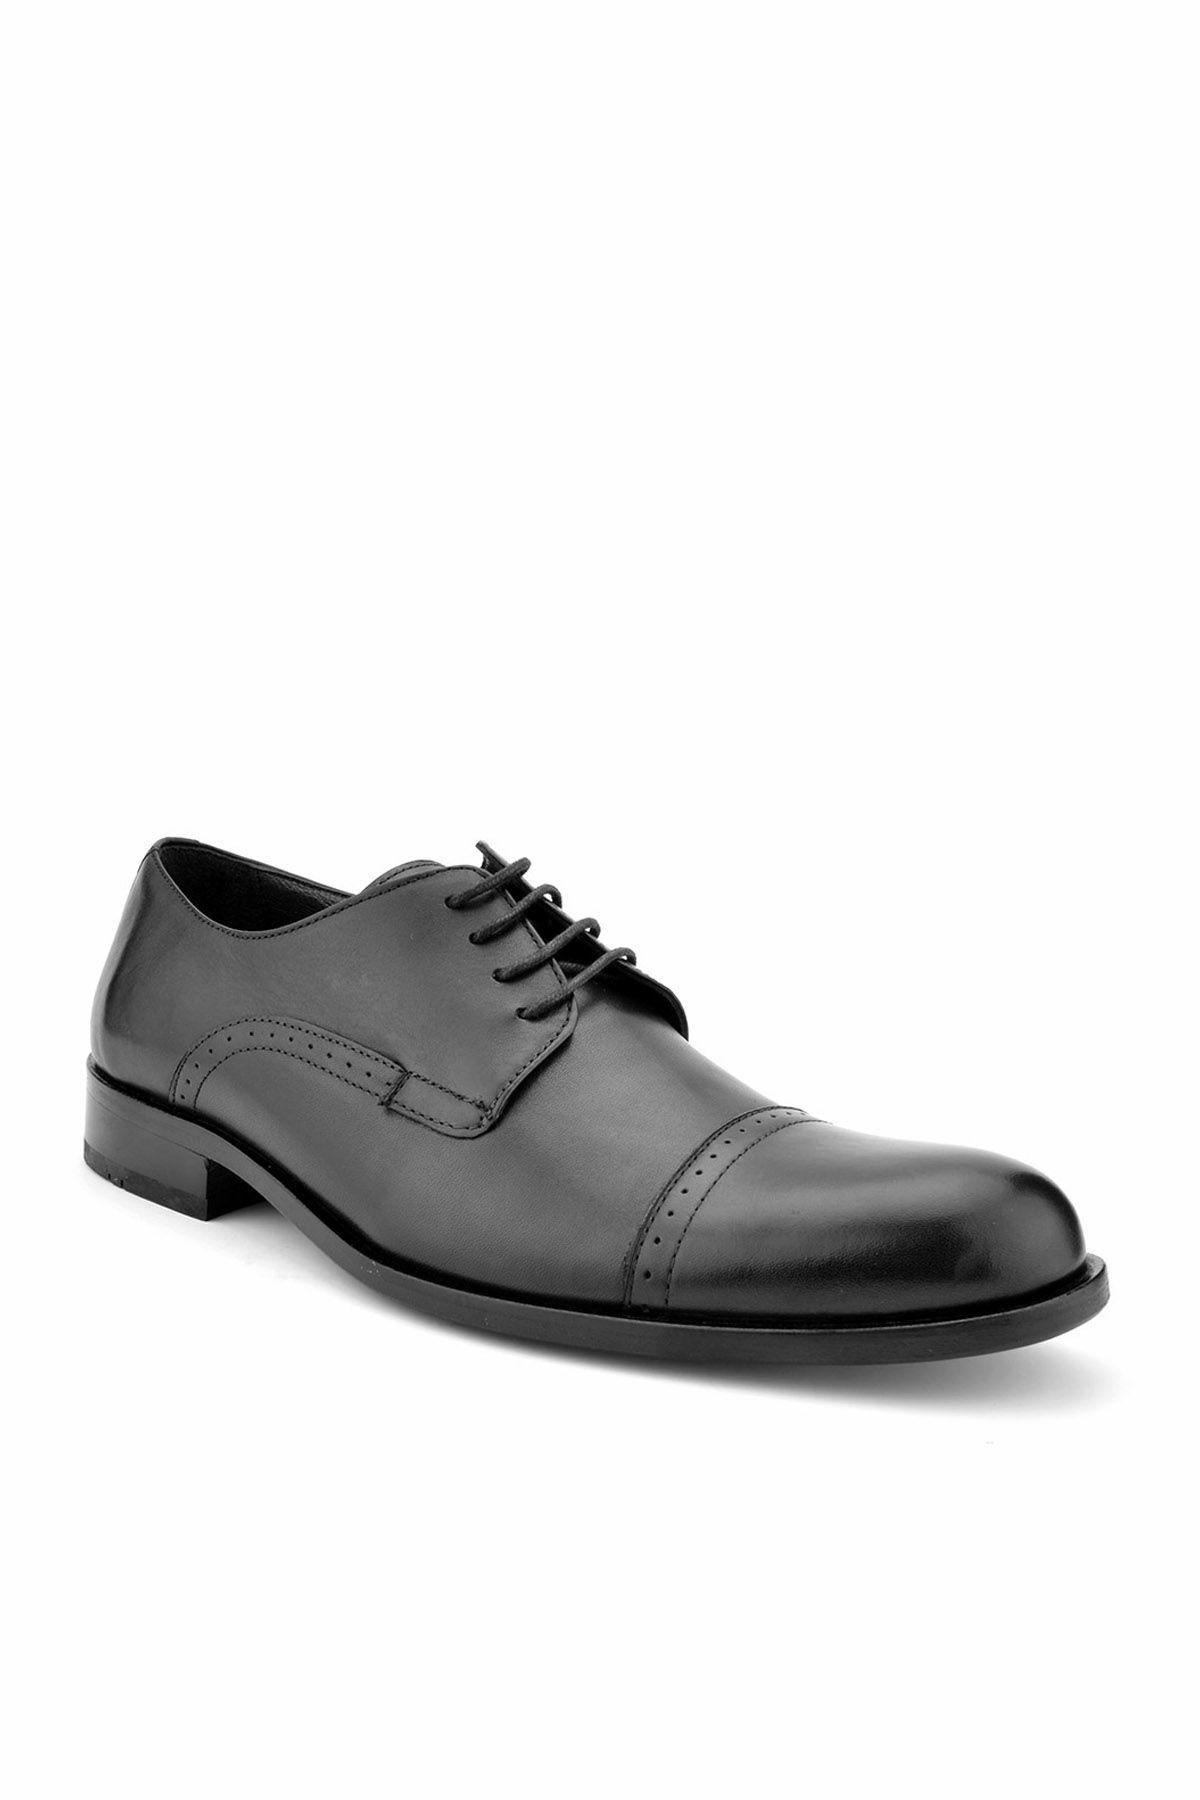 Koza Мужские Туфли Из Натуральной Кожи С Каблуком  Черный